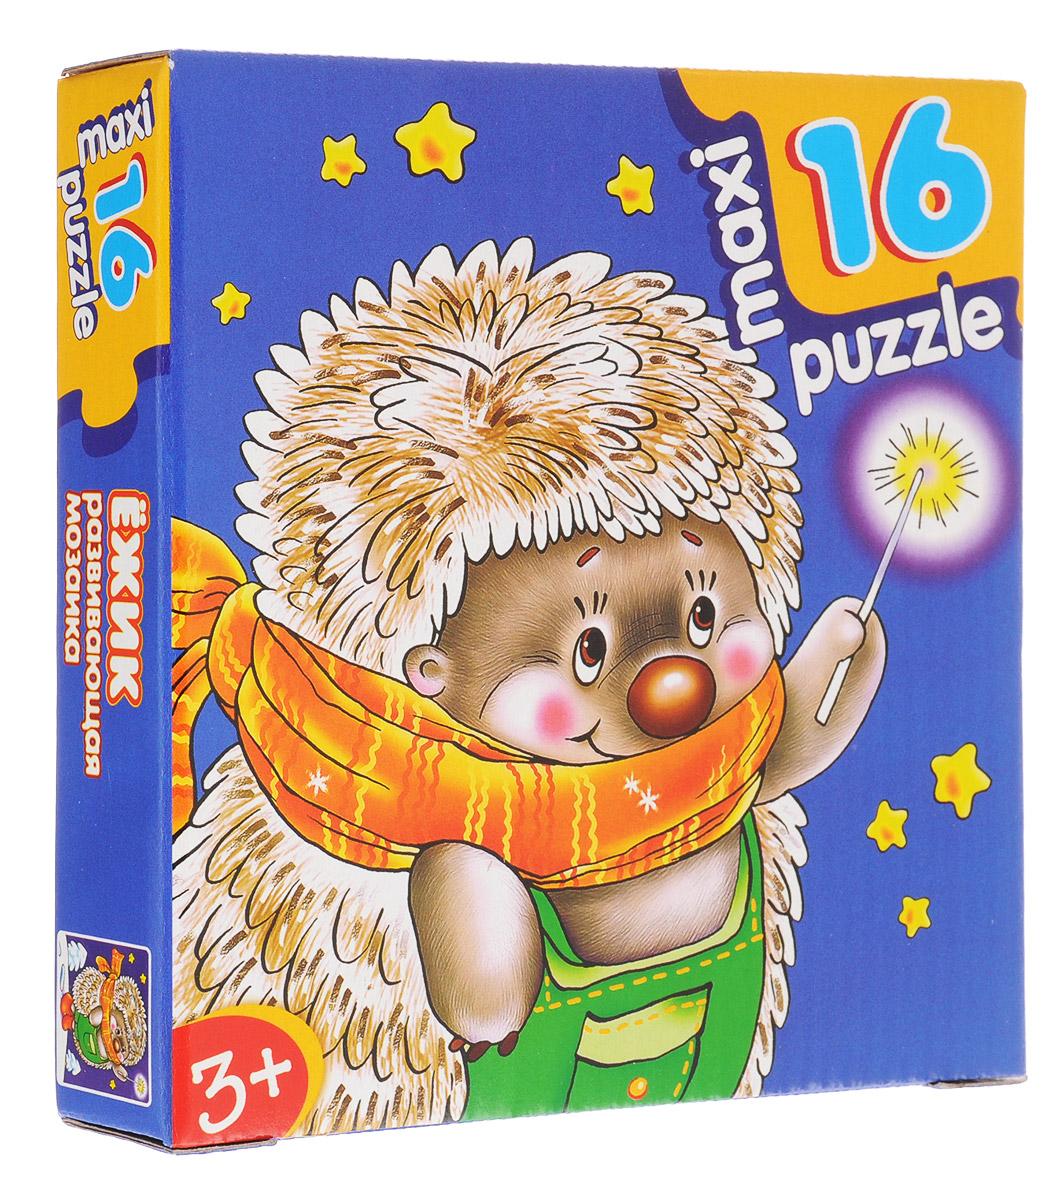 Дрофа-Медиа Пазл для малышей Ежик дрофа медиа пазл для малышей играй и собирай 4 в 1 2938